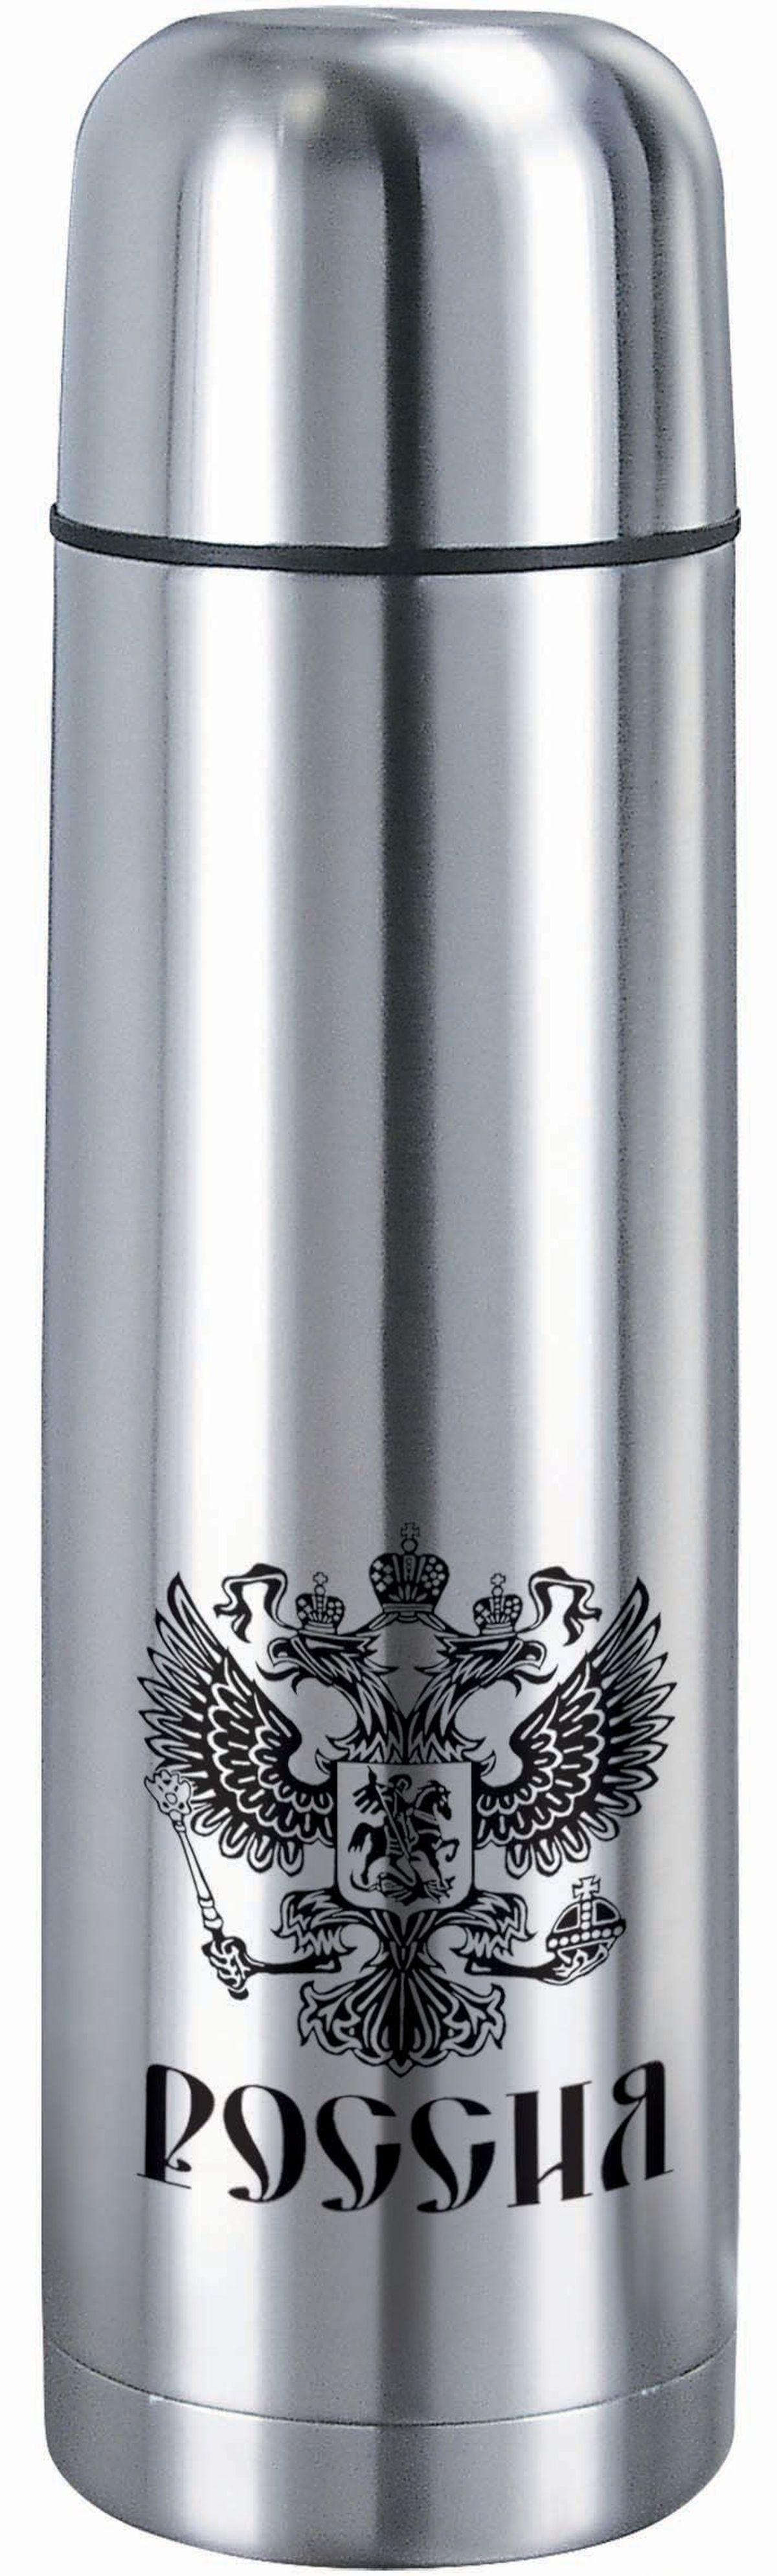 Термос Bekker, 0,5 л. BK-4117BK-4117Объем 0,5л, вакуумная кнопка, двойные стенки с вакуумом, крышка-чашка. Состав: нержавеющая сталь 18/8.